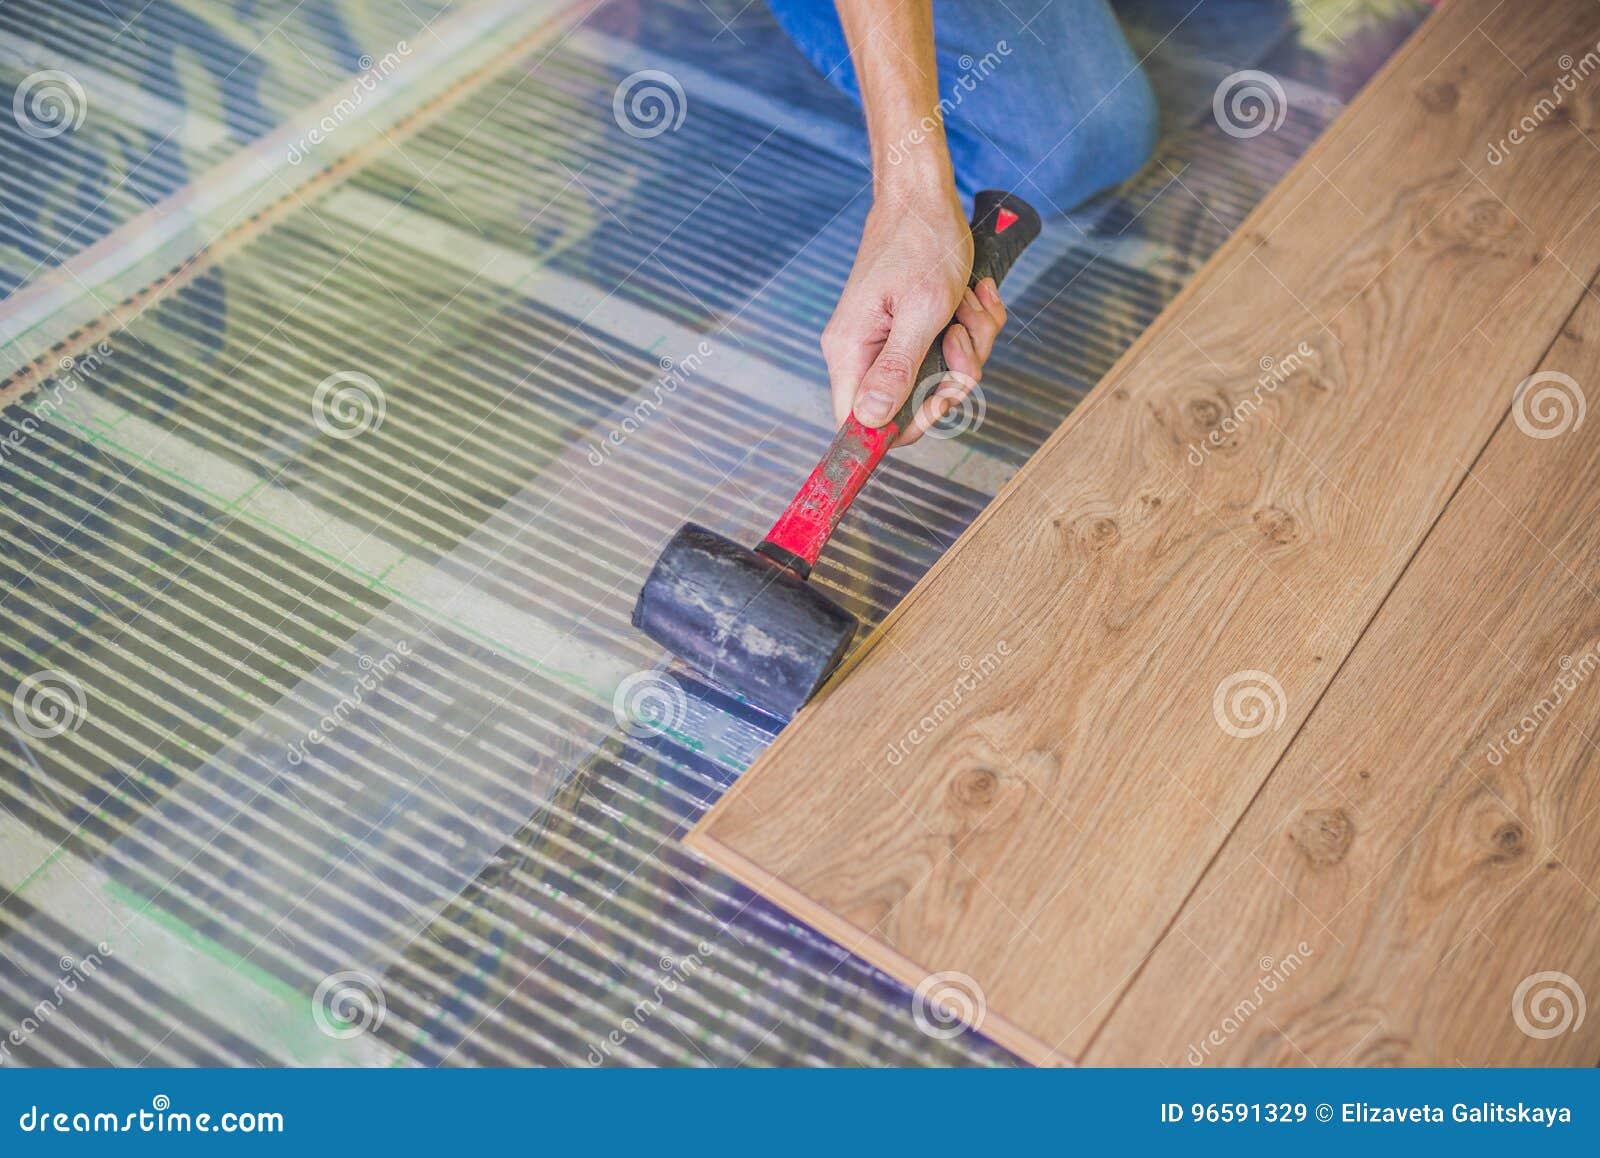 Человек устанавливая новый деревянный слоистый настил ультракрасная система отопления пола под слоистым полом